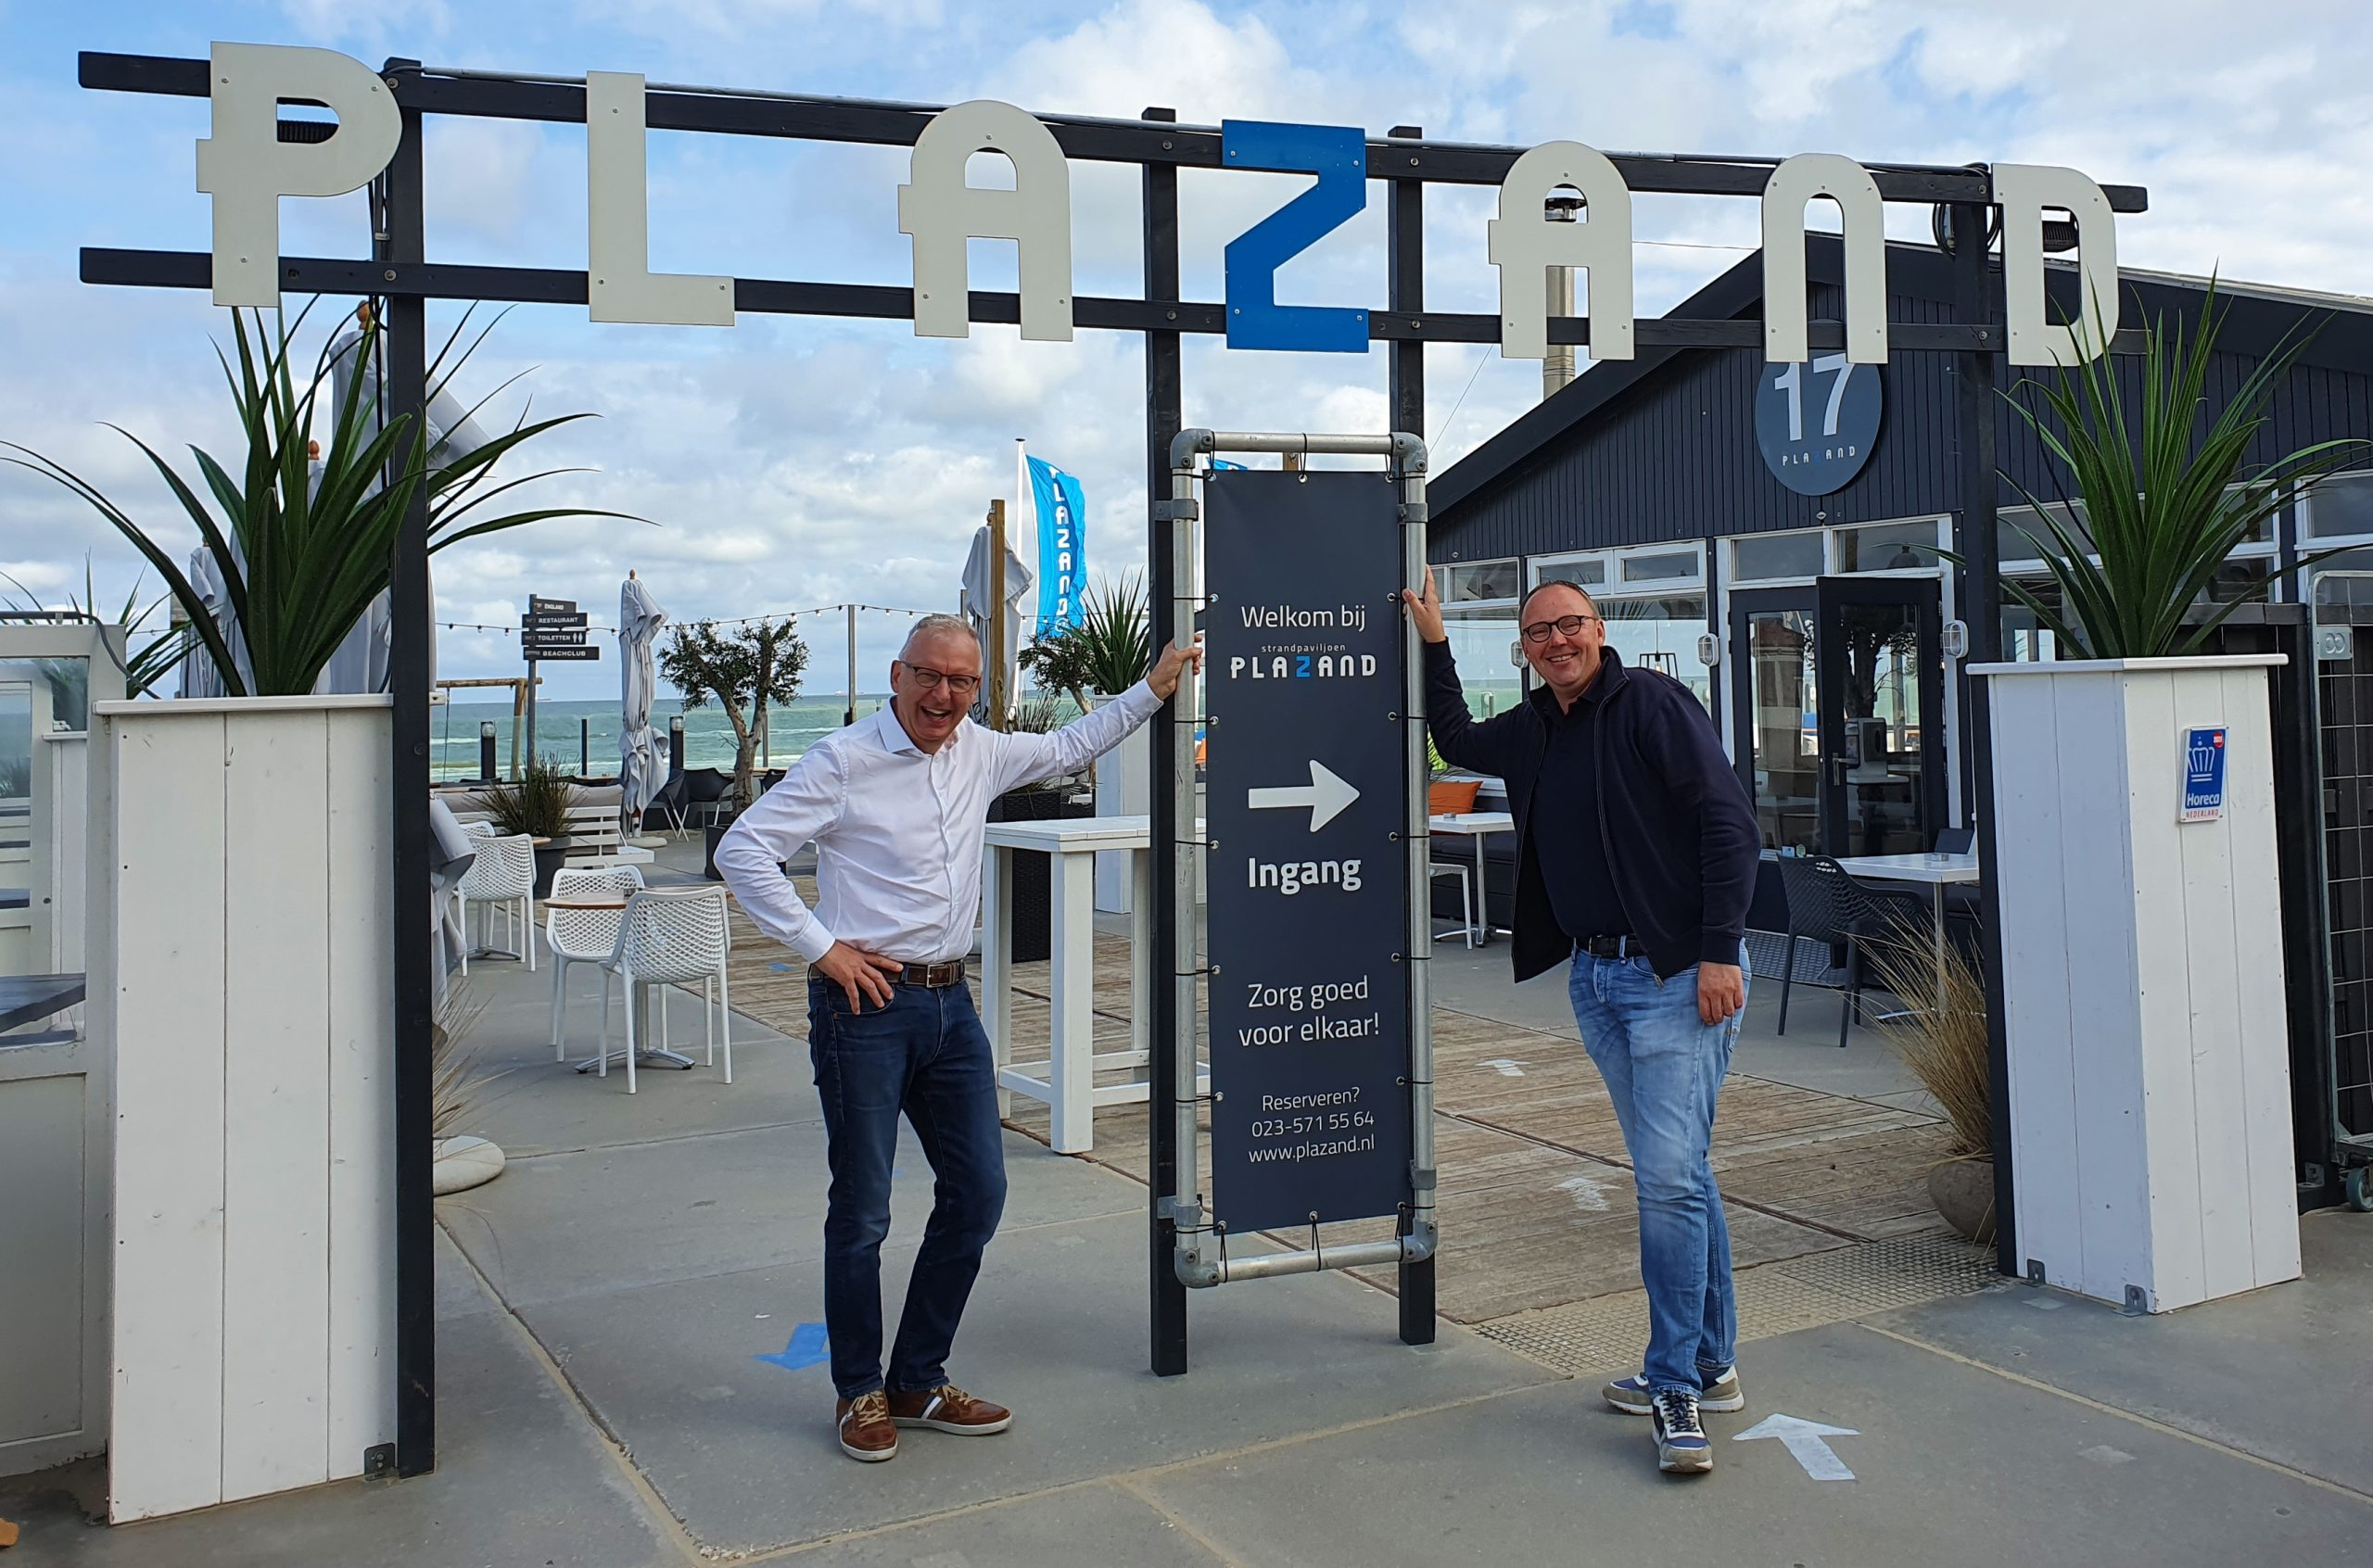 kennemer-business-beach-borrel-2020-plazand-zandvoort-john-cornelisse-rob-wieleman